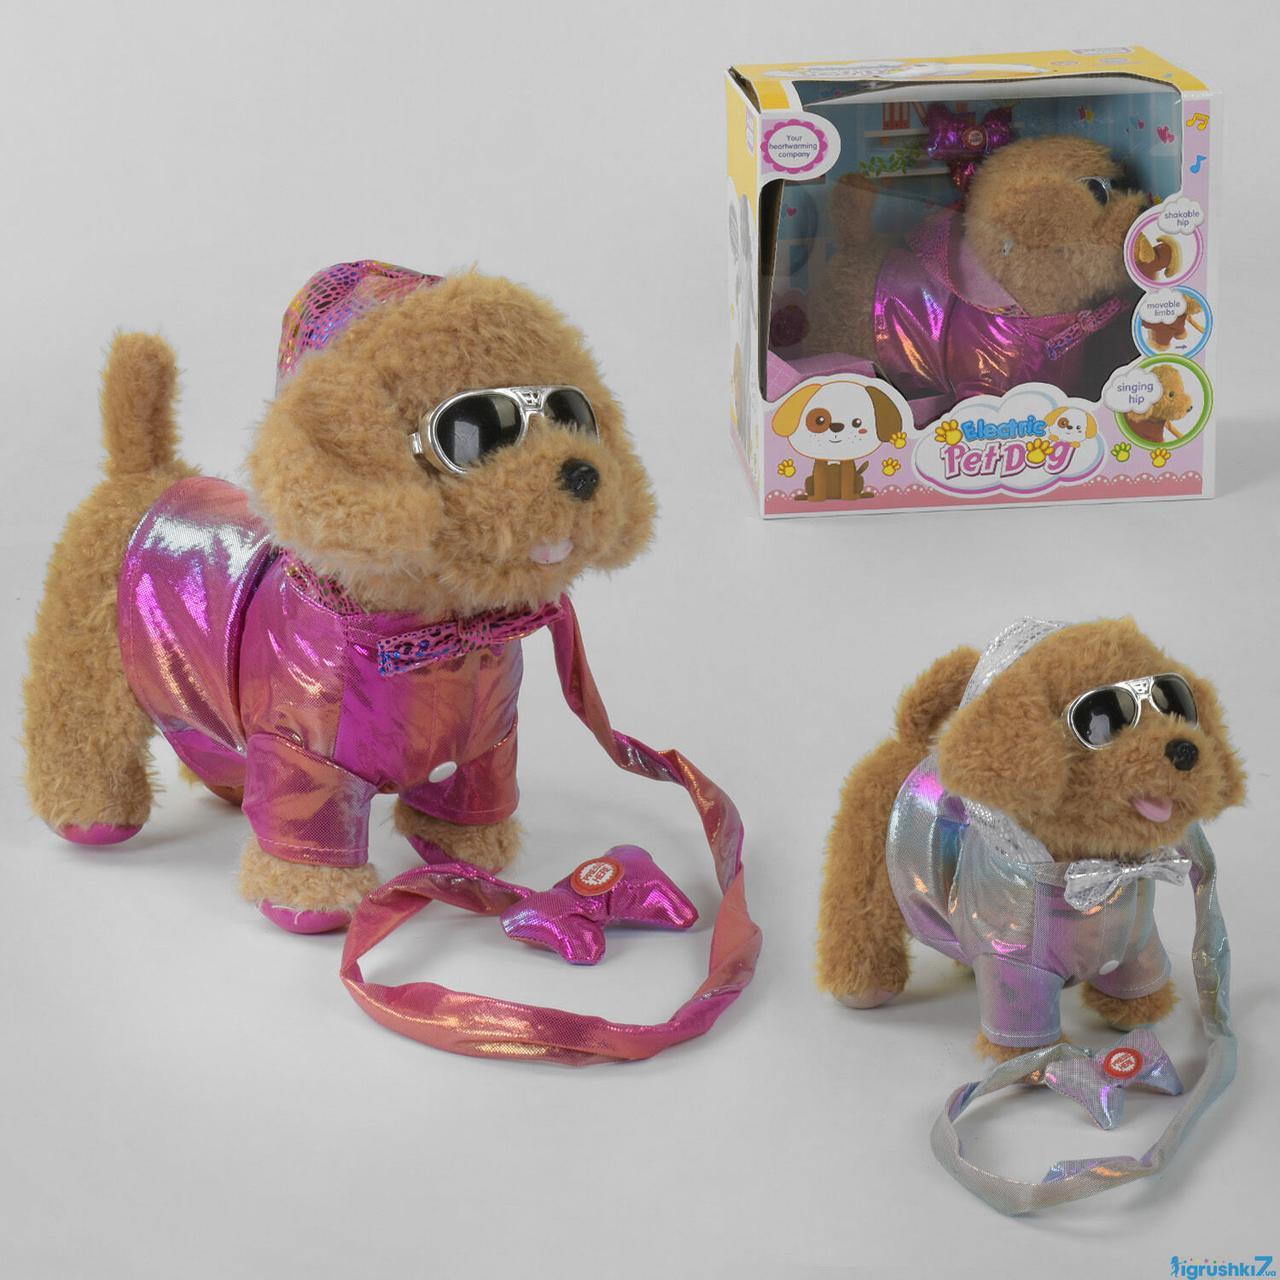 Мягкая игрушка Собачка 43979 2 вида, песня на русском языке, ходит